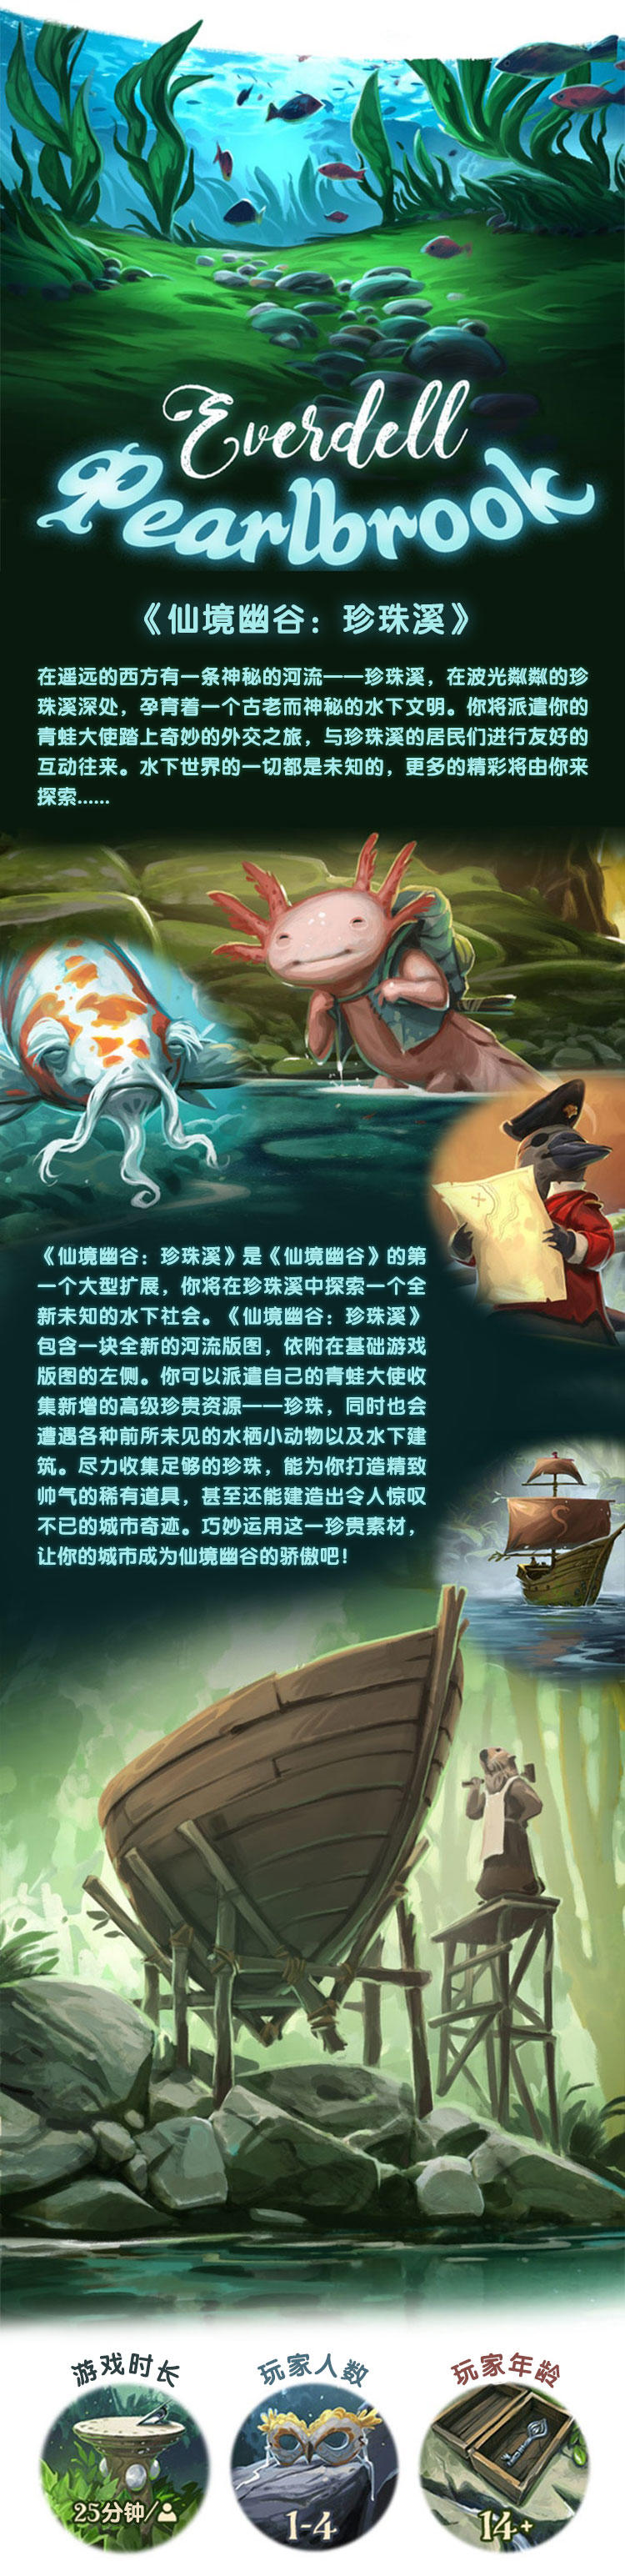 仙境幽谷扩展页面1-珍珠溪10_01.jpg